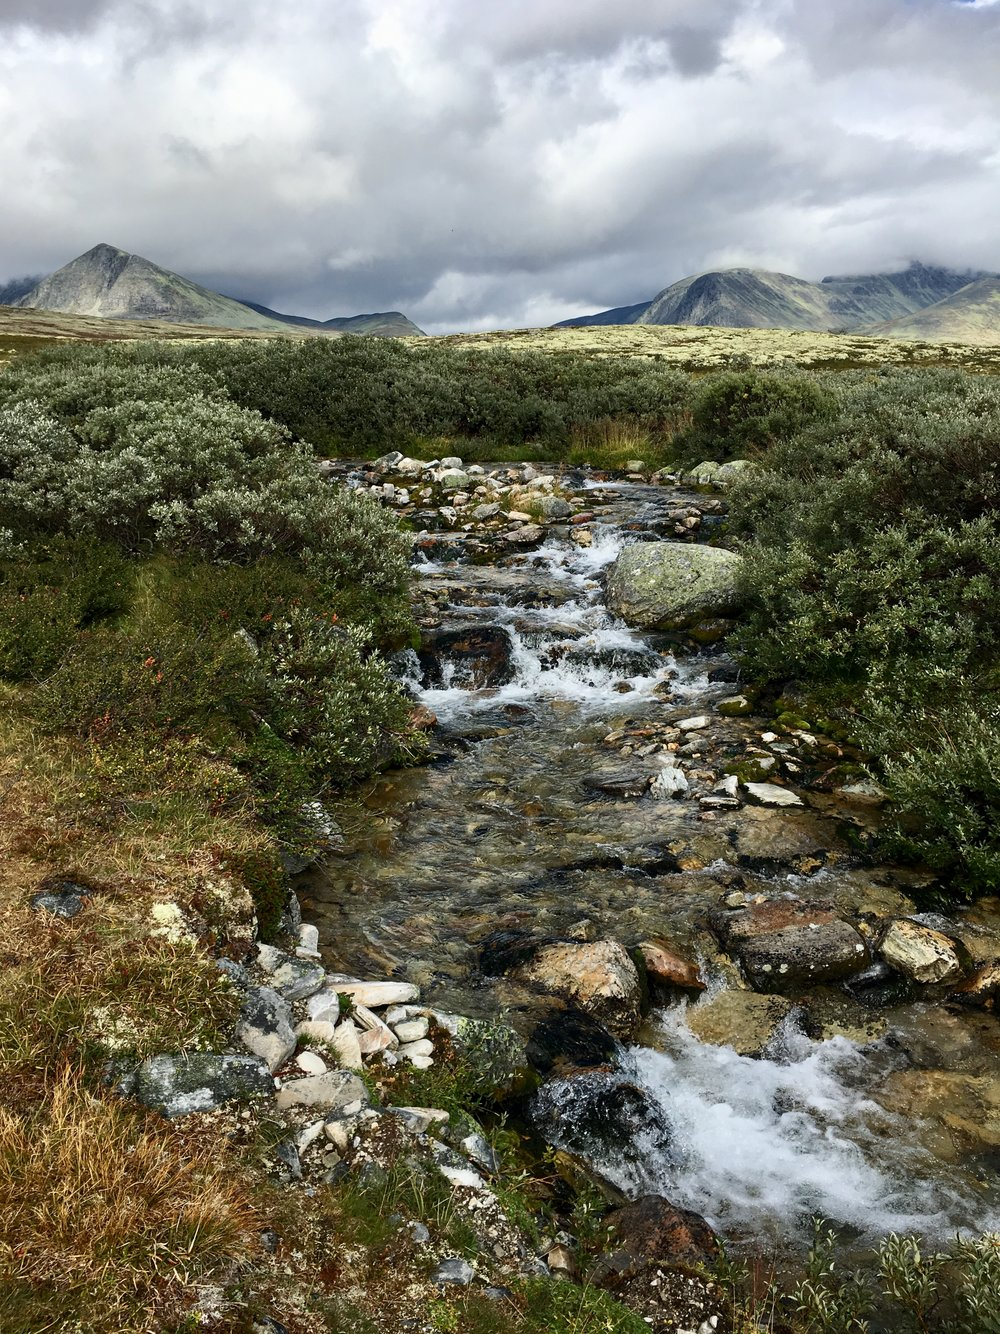 Hovringen National Park, Norway